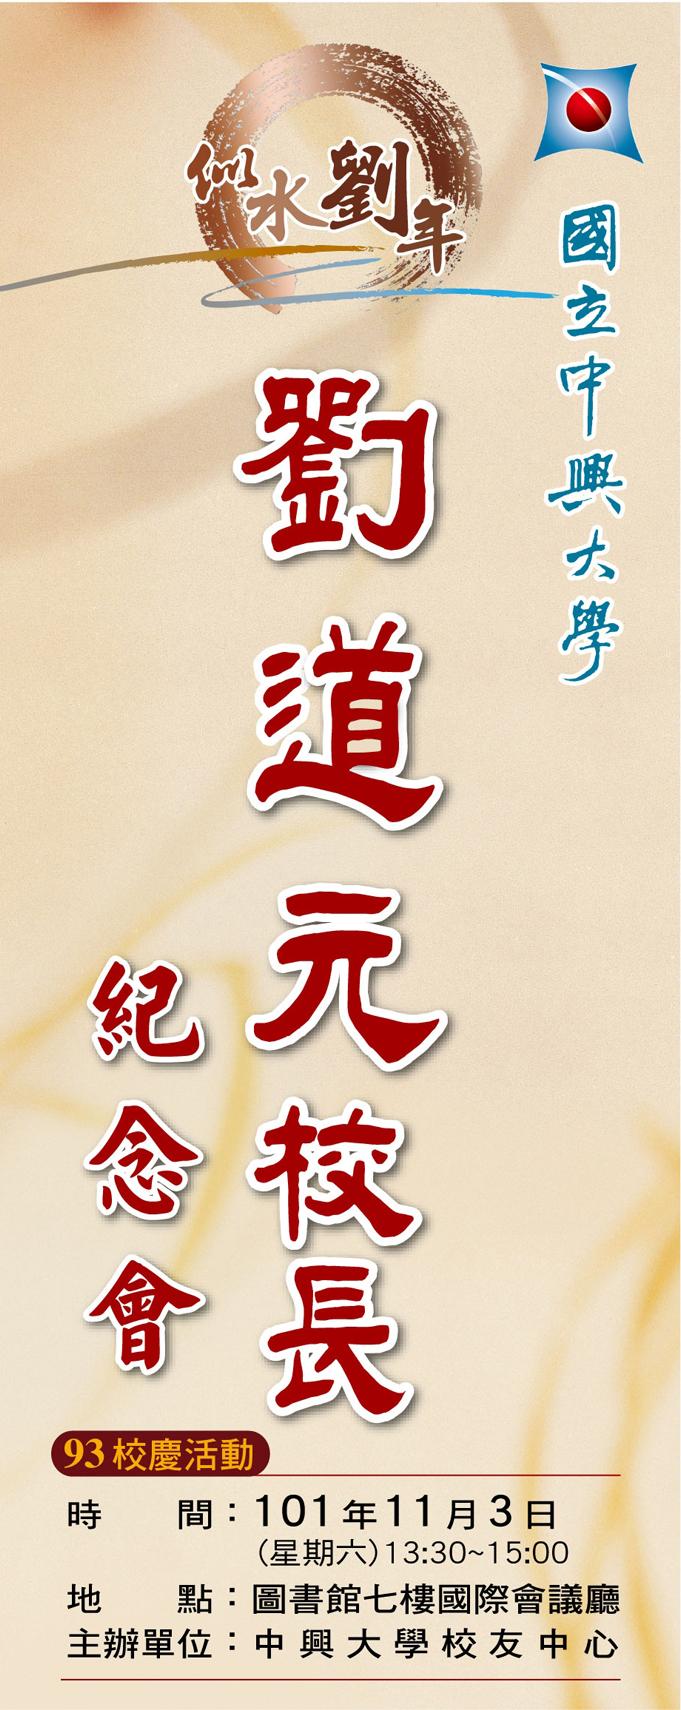 劉道元校長紀念會_羅馬旗